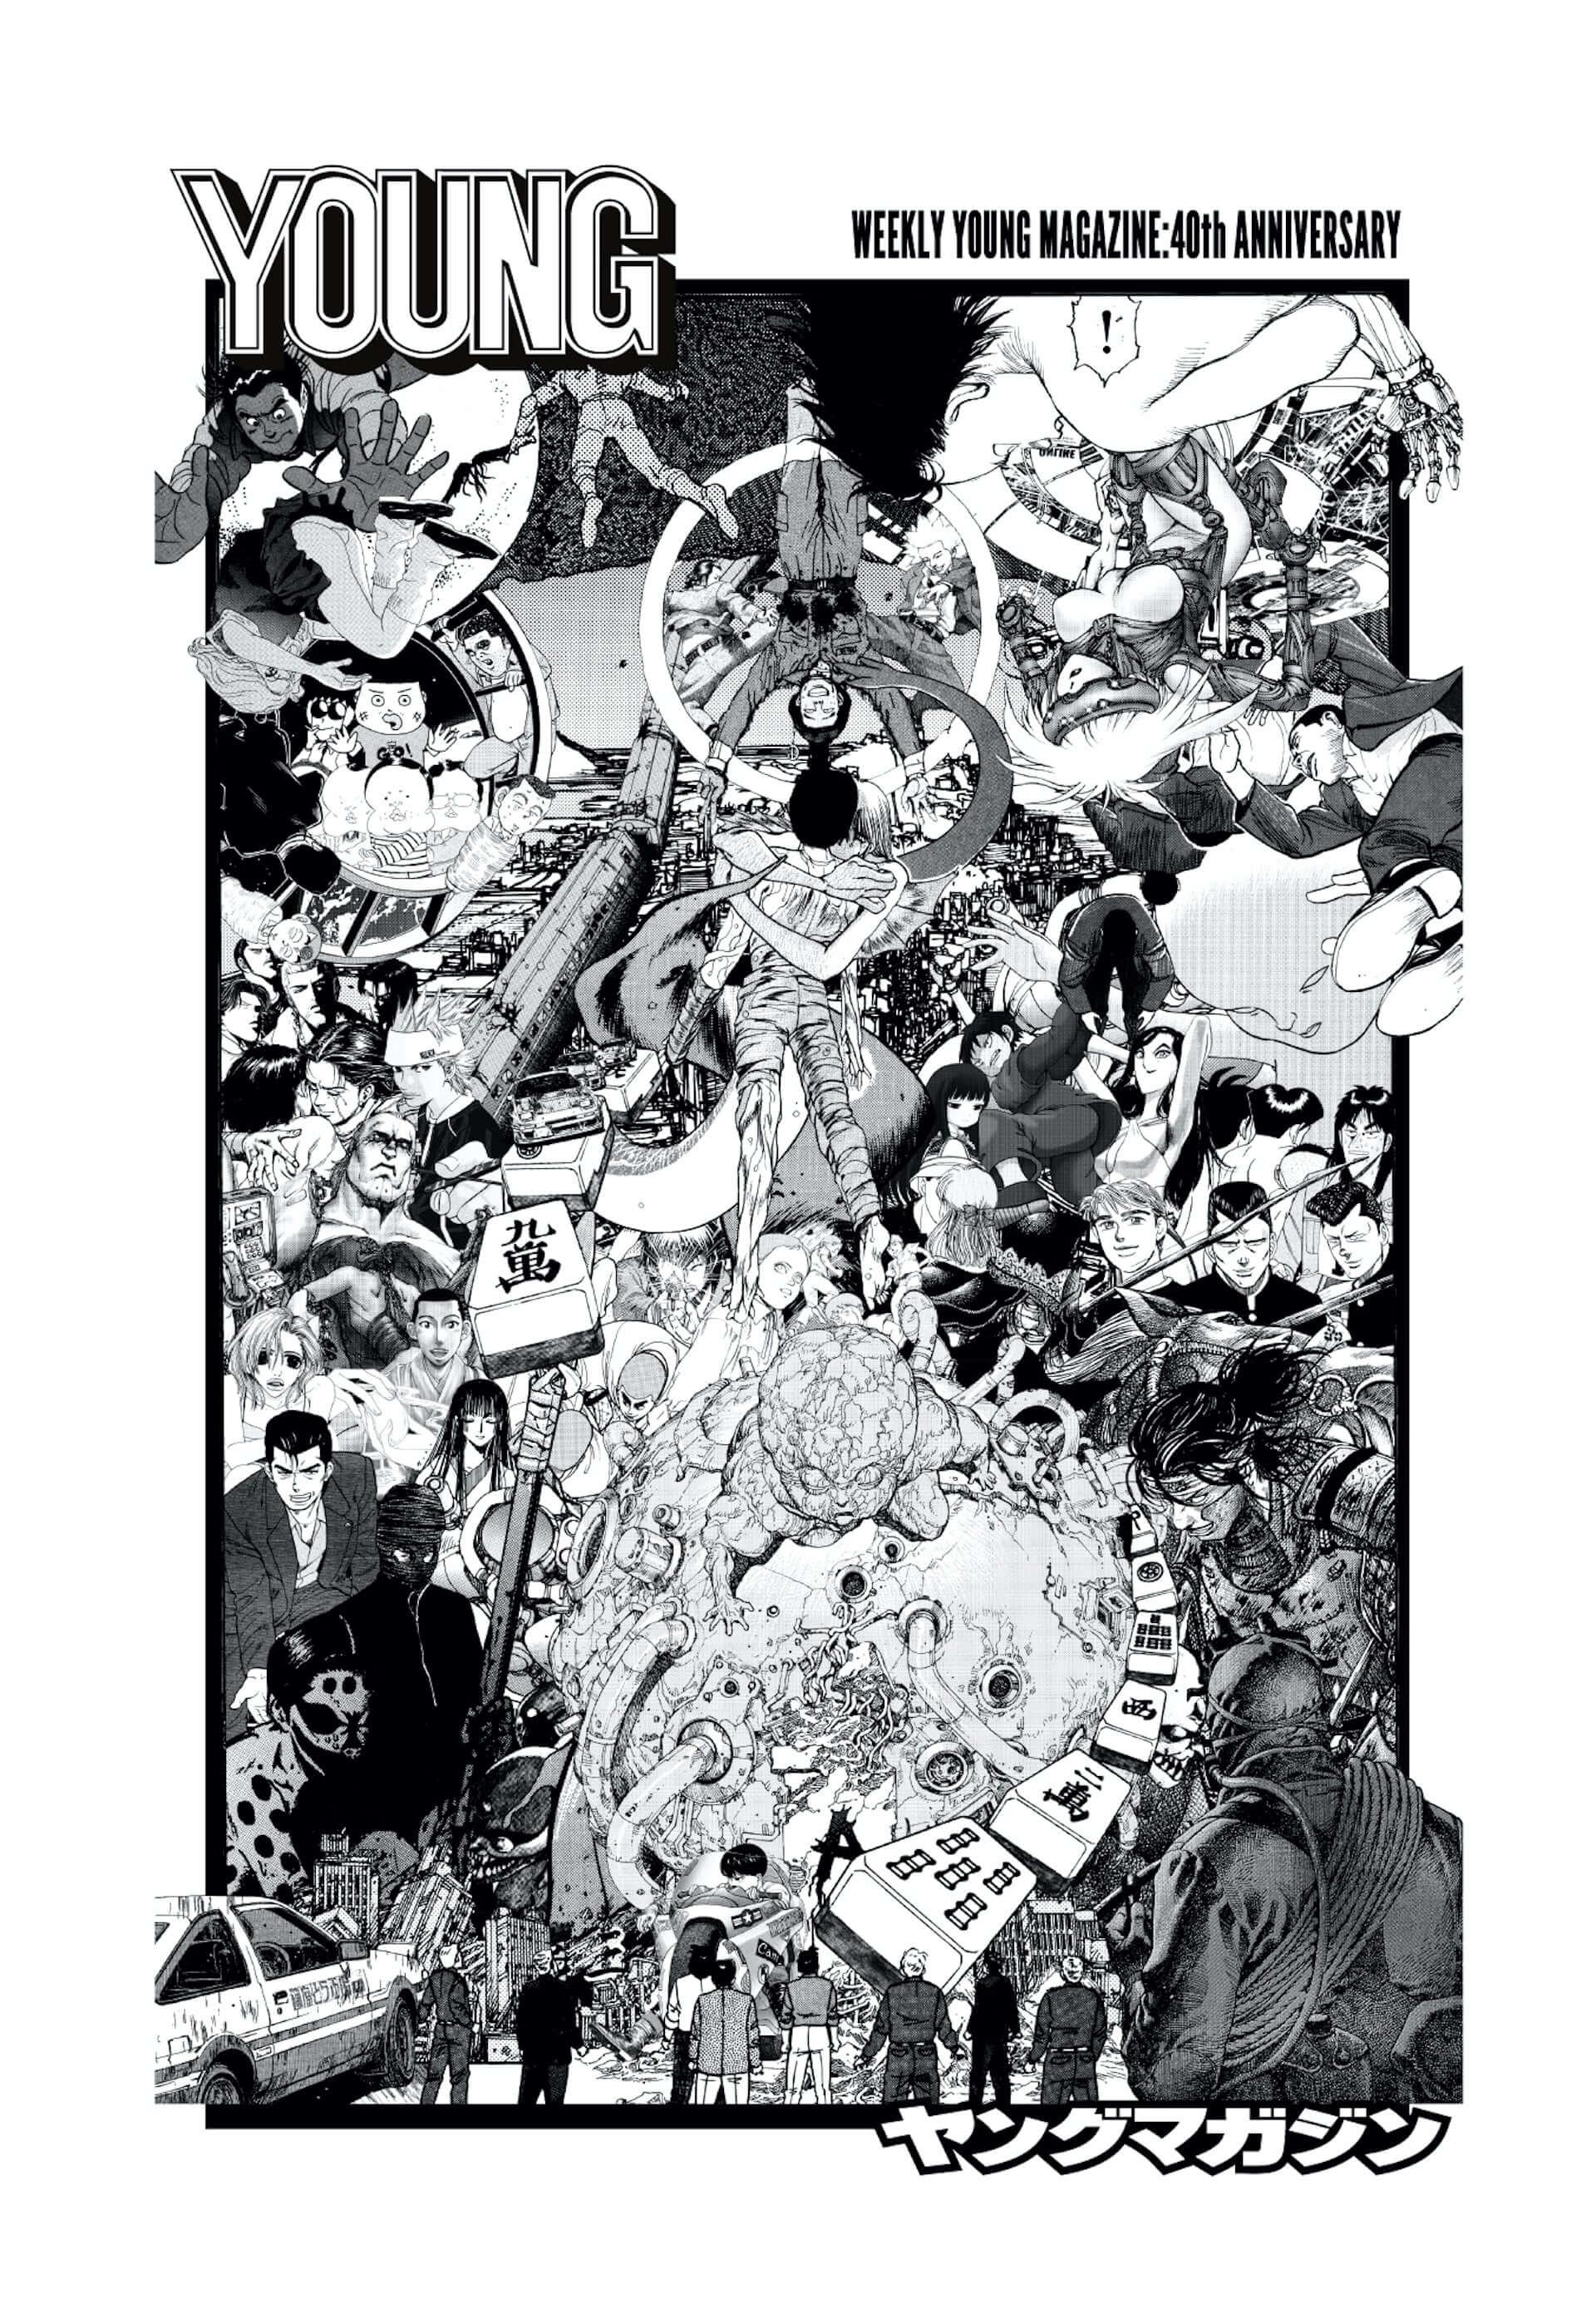 『ヤングマガジン』創刊40周年記念!河村康輔のコラージュアートを起用したグッズがオンラインでも発売 lf200903_yanmaga40th_2-1920x2777